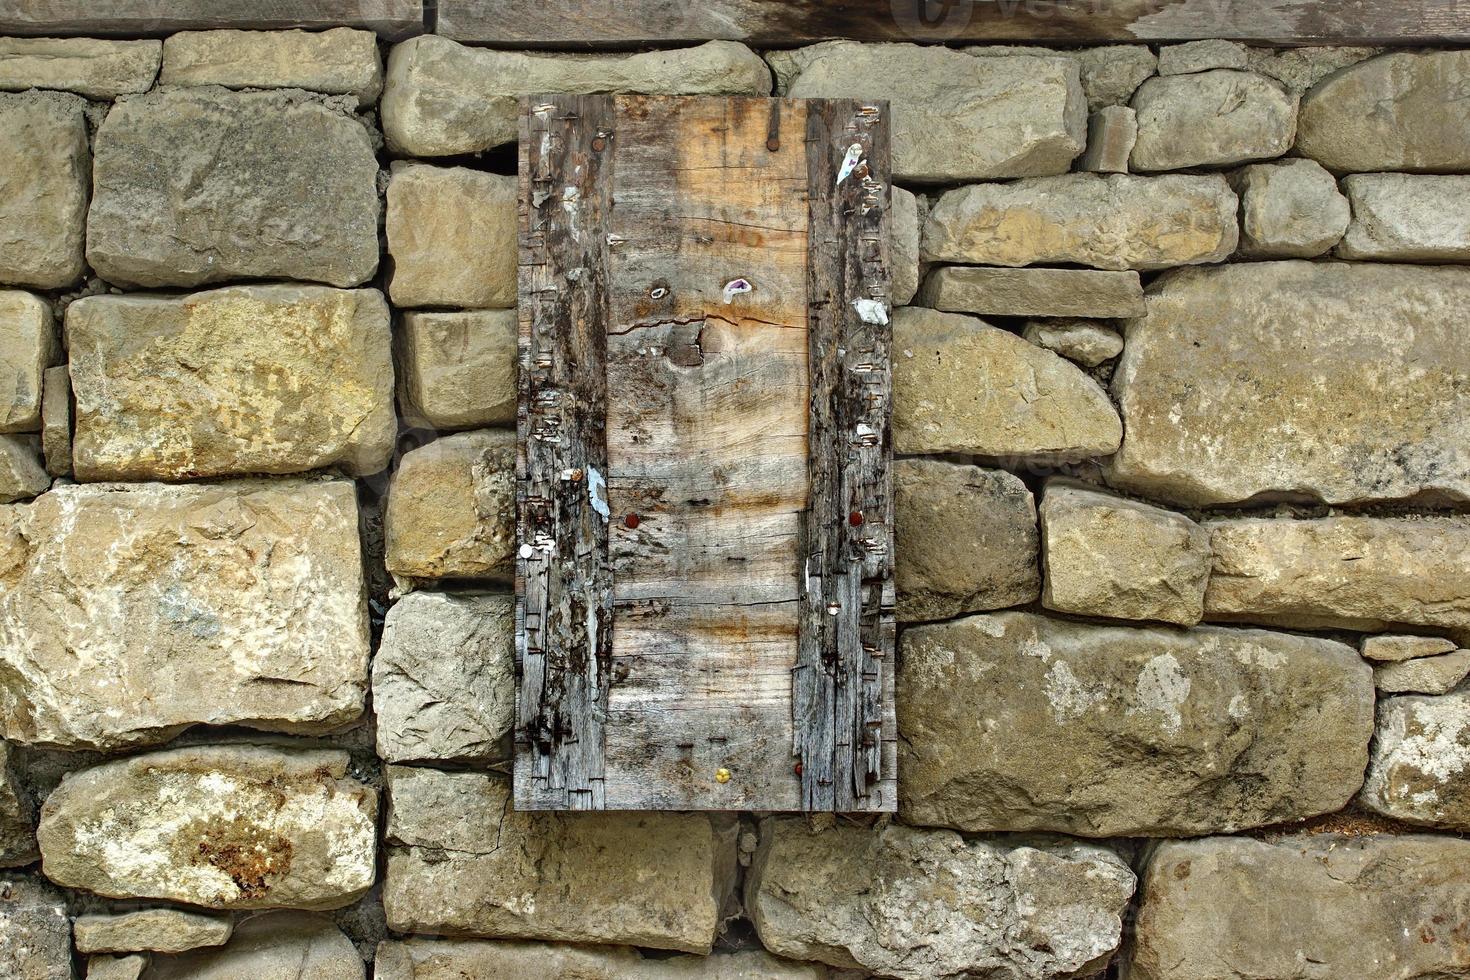 Vintage Holzschild auf alter Steinmauer foto